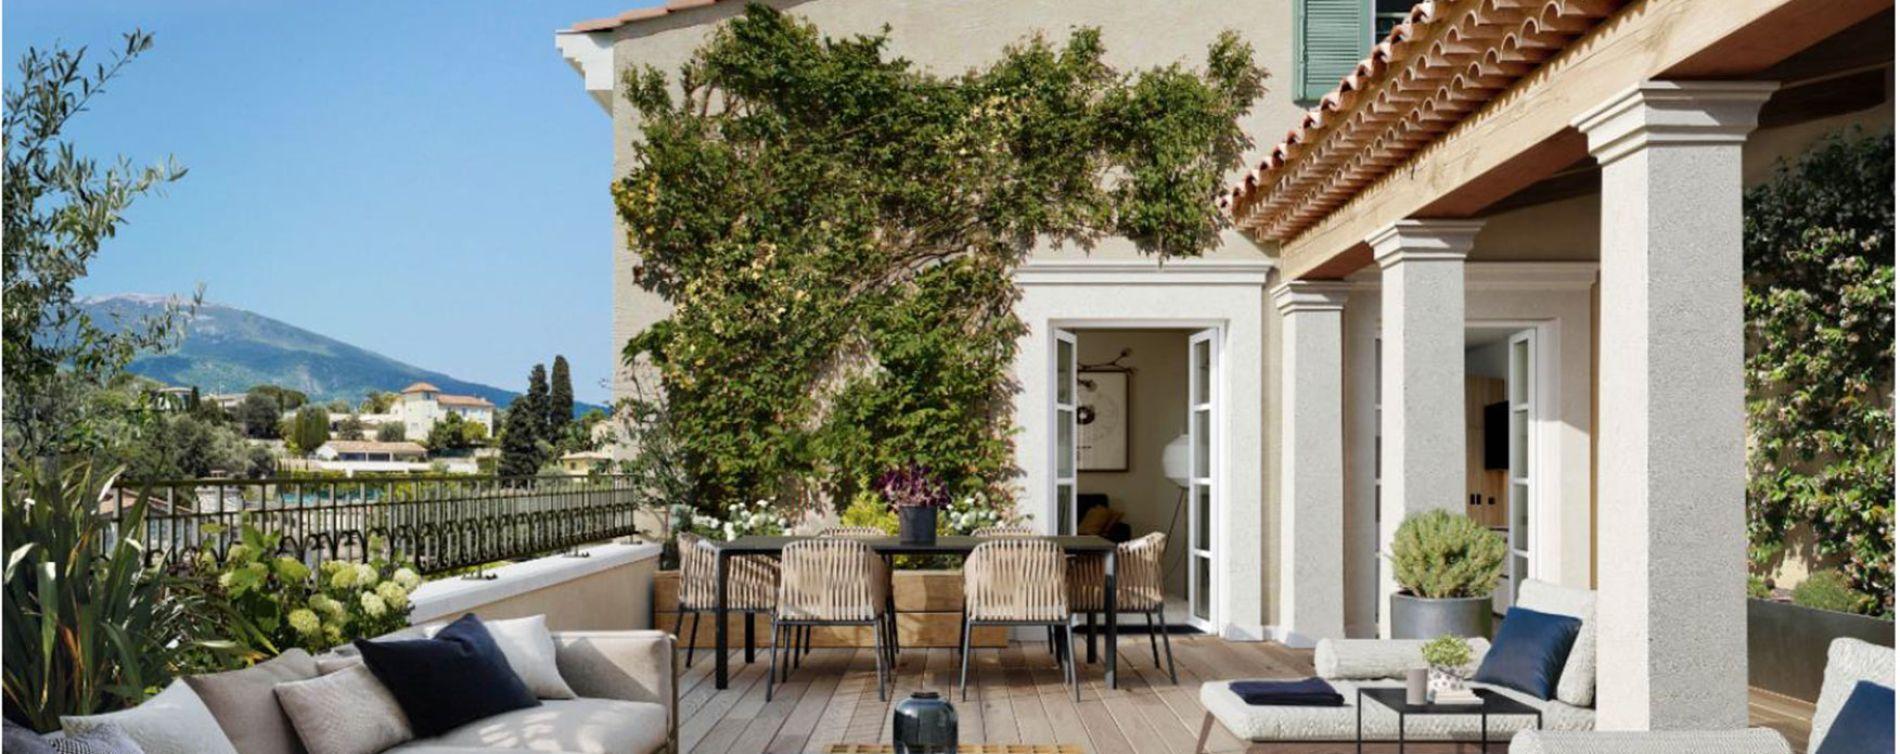 Le Rouret : programme immobilier neuve « Chemin des Comtes de Provence » (3)